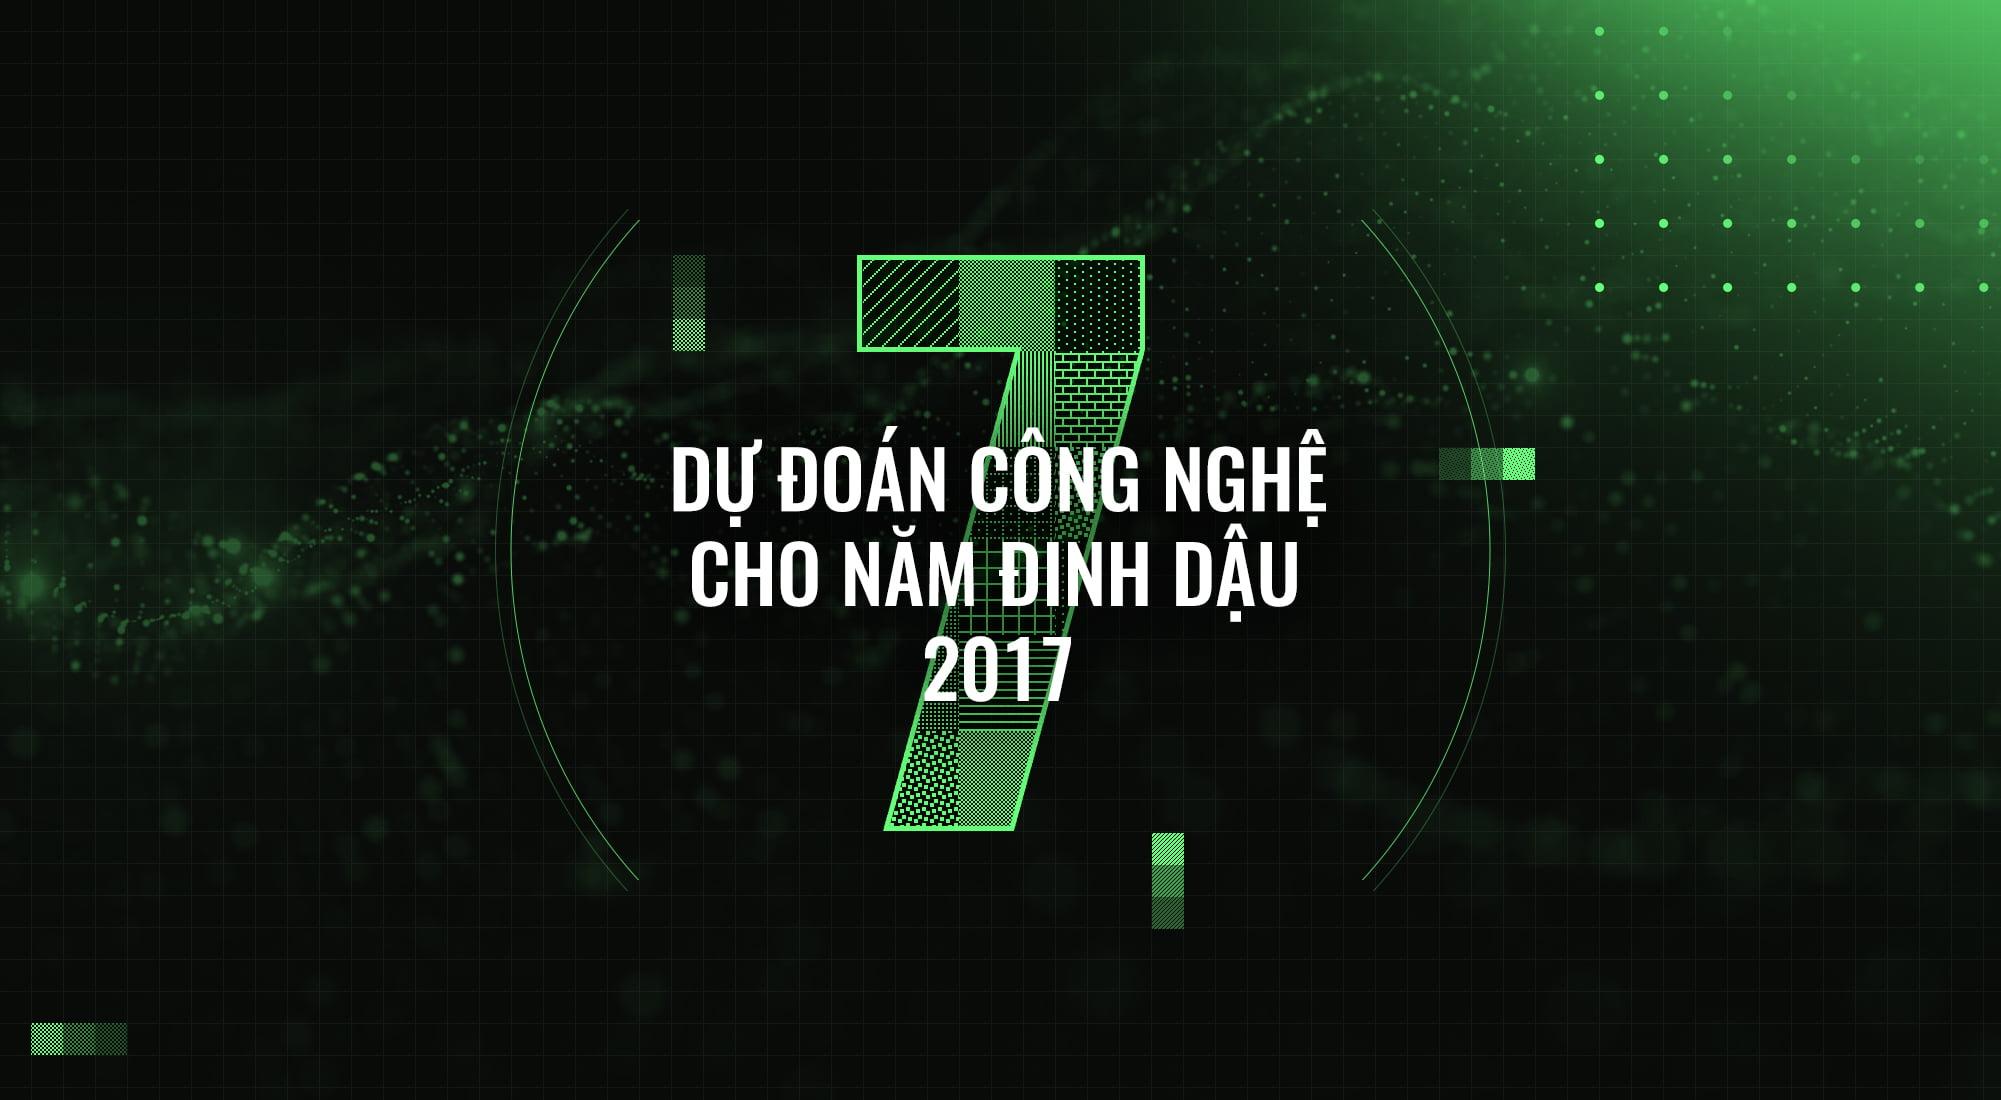 cn web 03 1485486573397 1485746332998 1